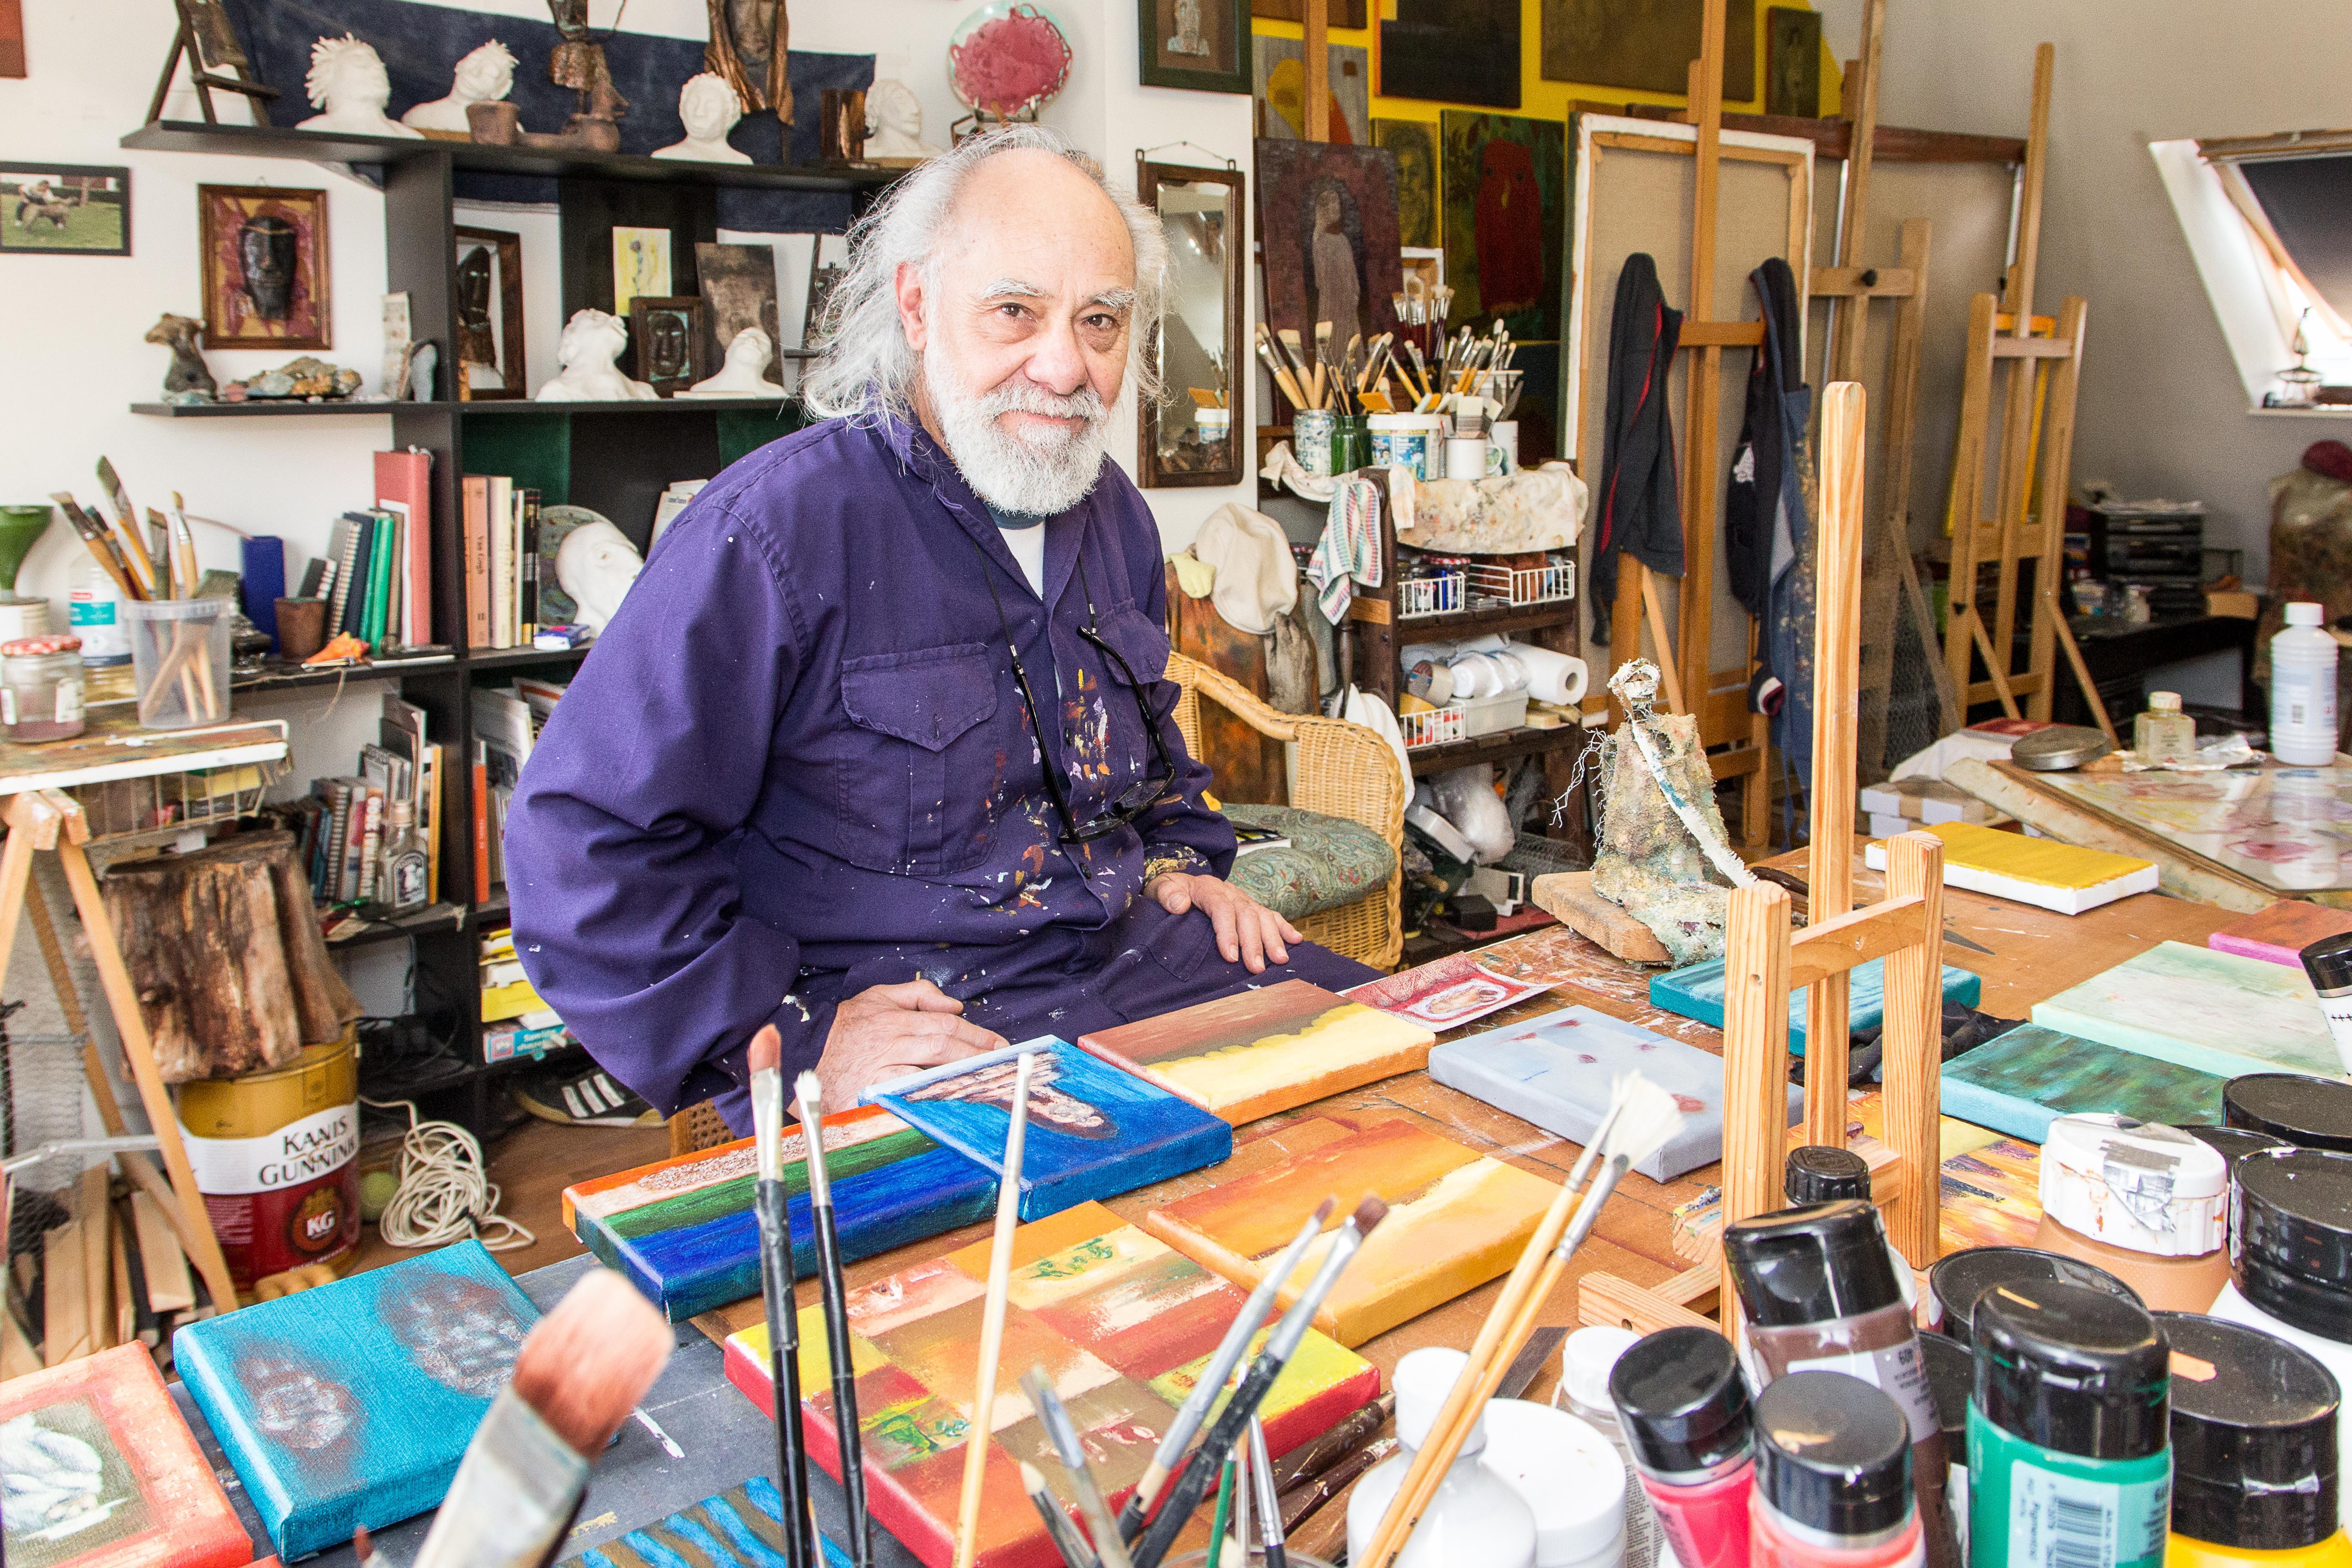 Calvo Torrico zoekt stilte in kleine werken